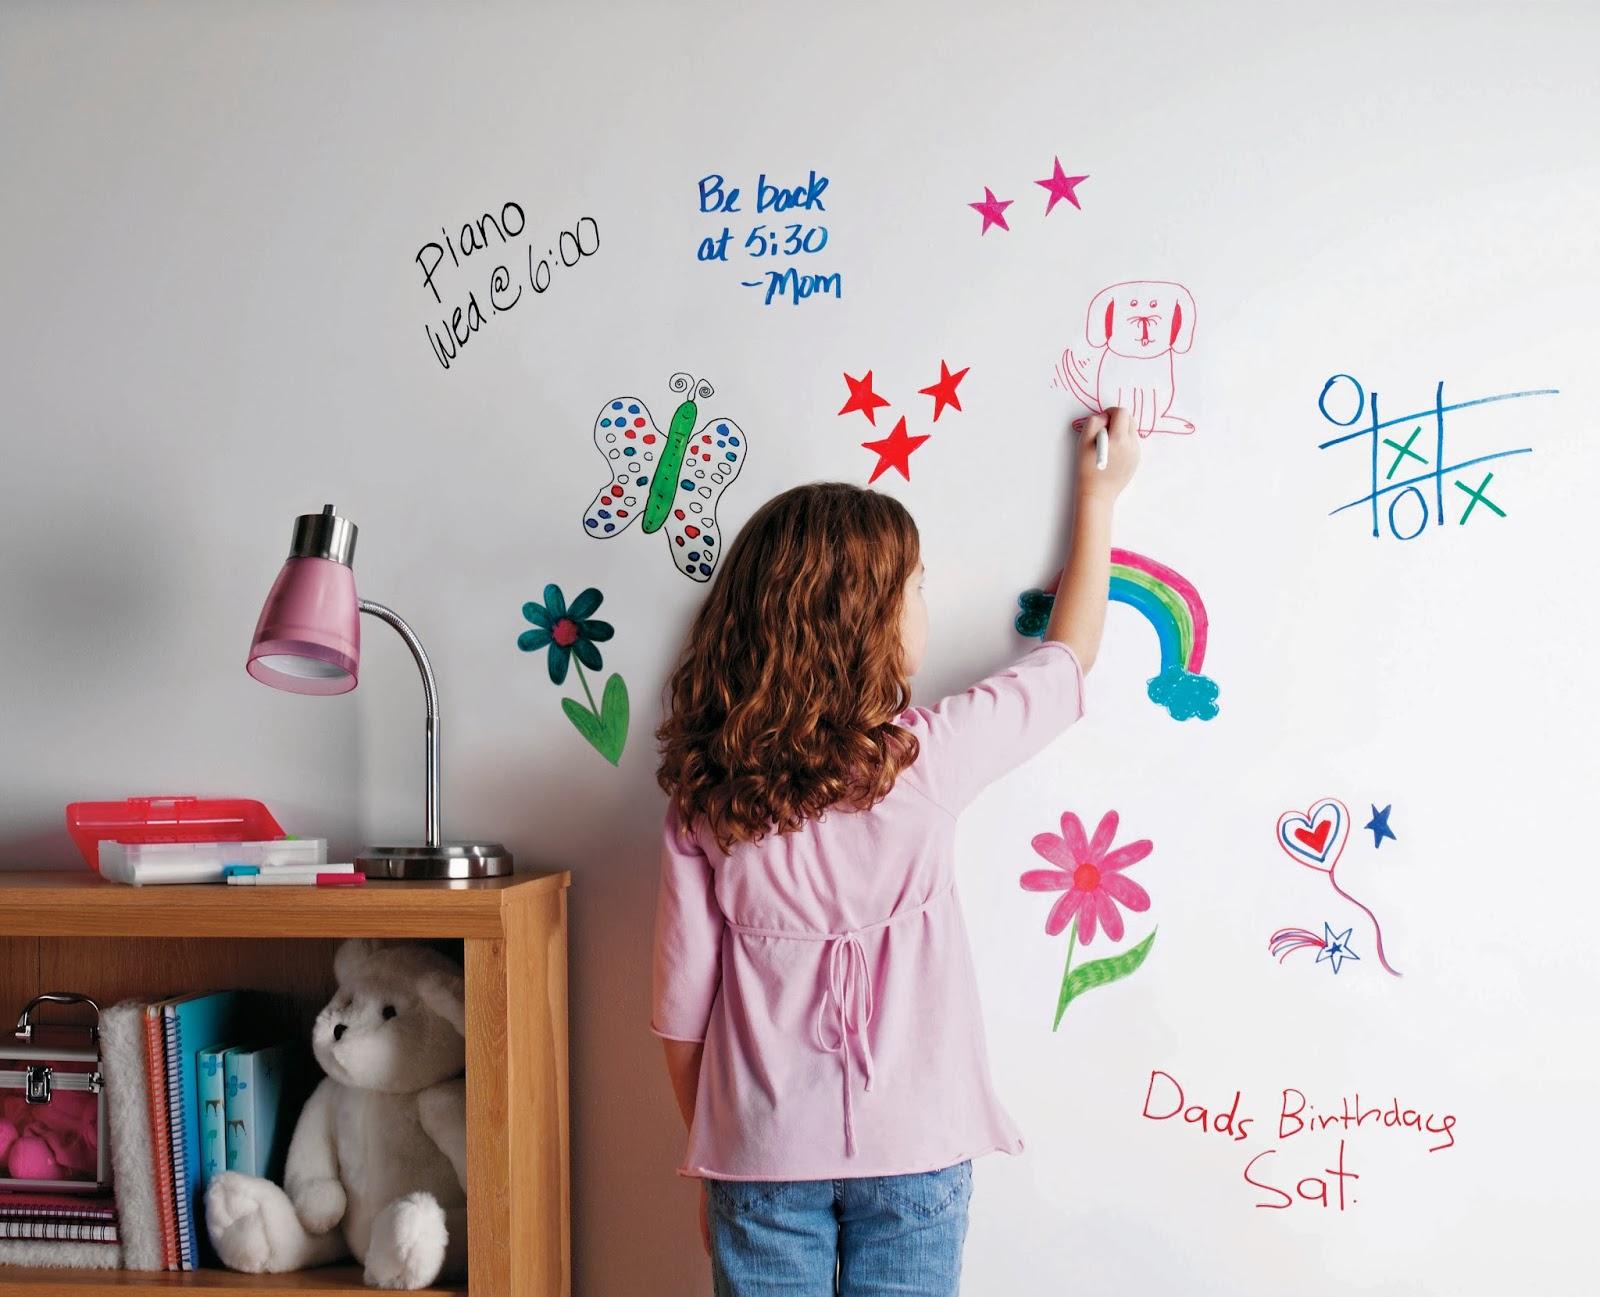 markernaya kraska 15 - 5 правил обустройства детской комнаты